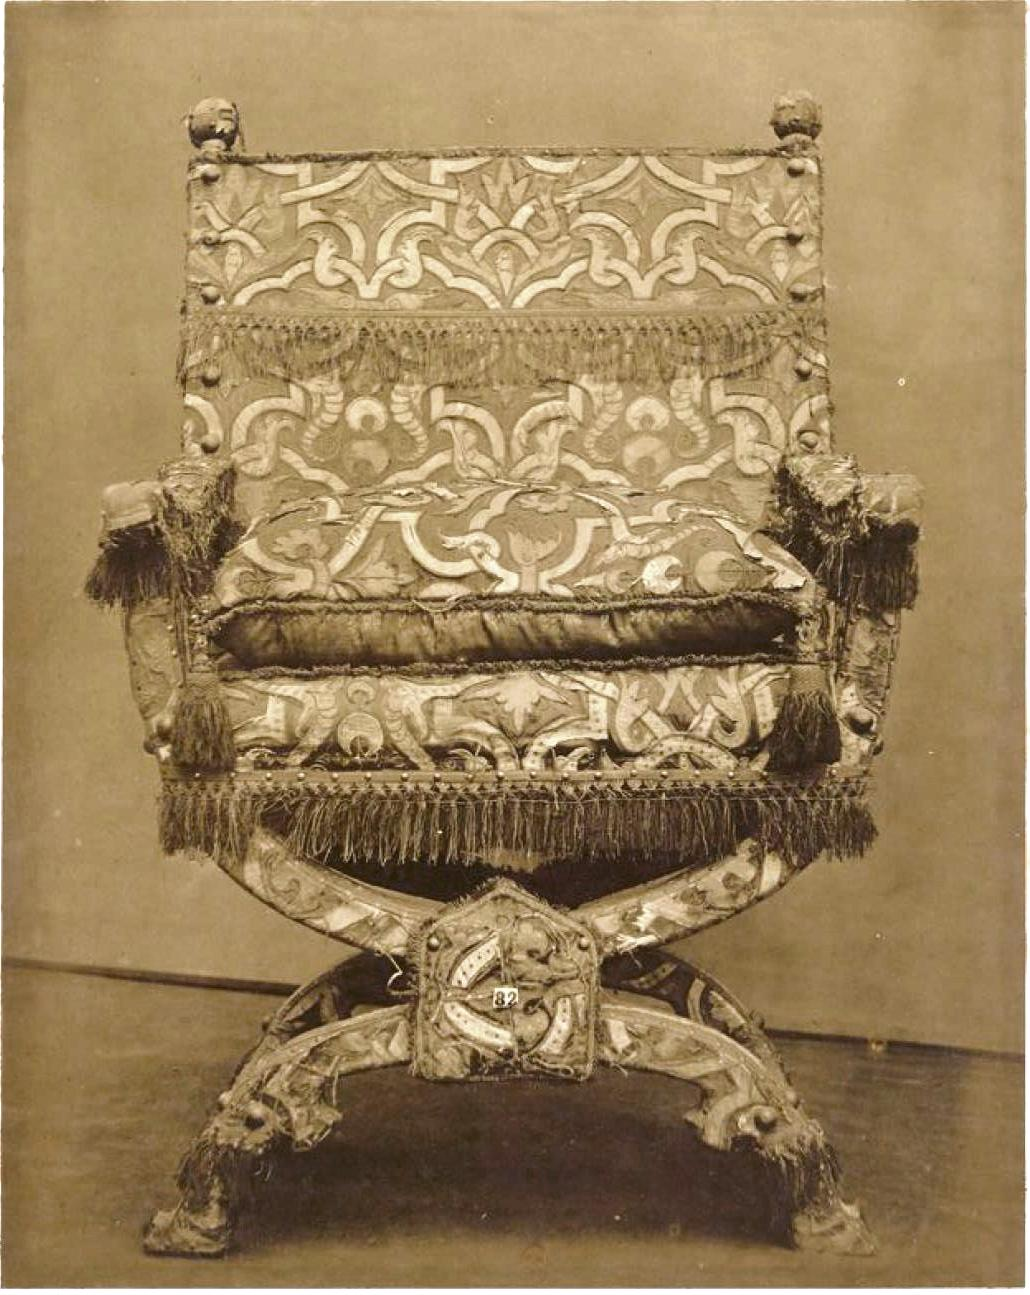 Стул, покрытый вышитым шелком (ок. 1600)